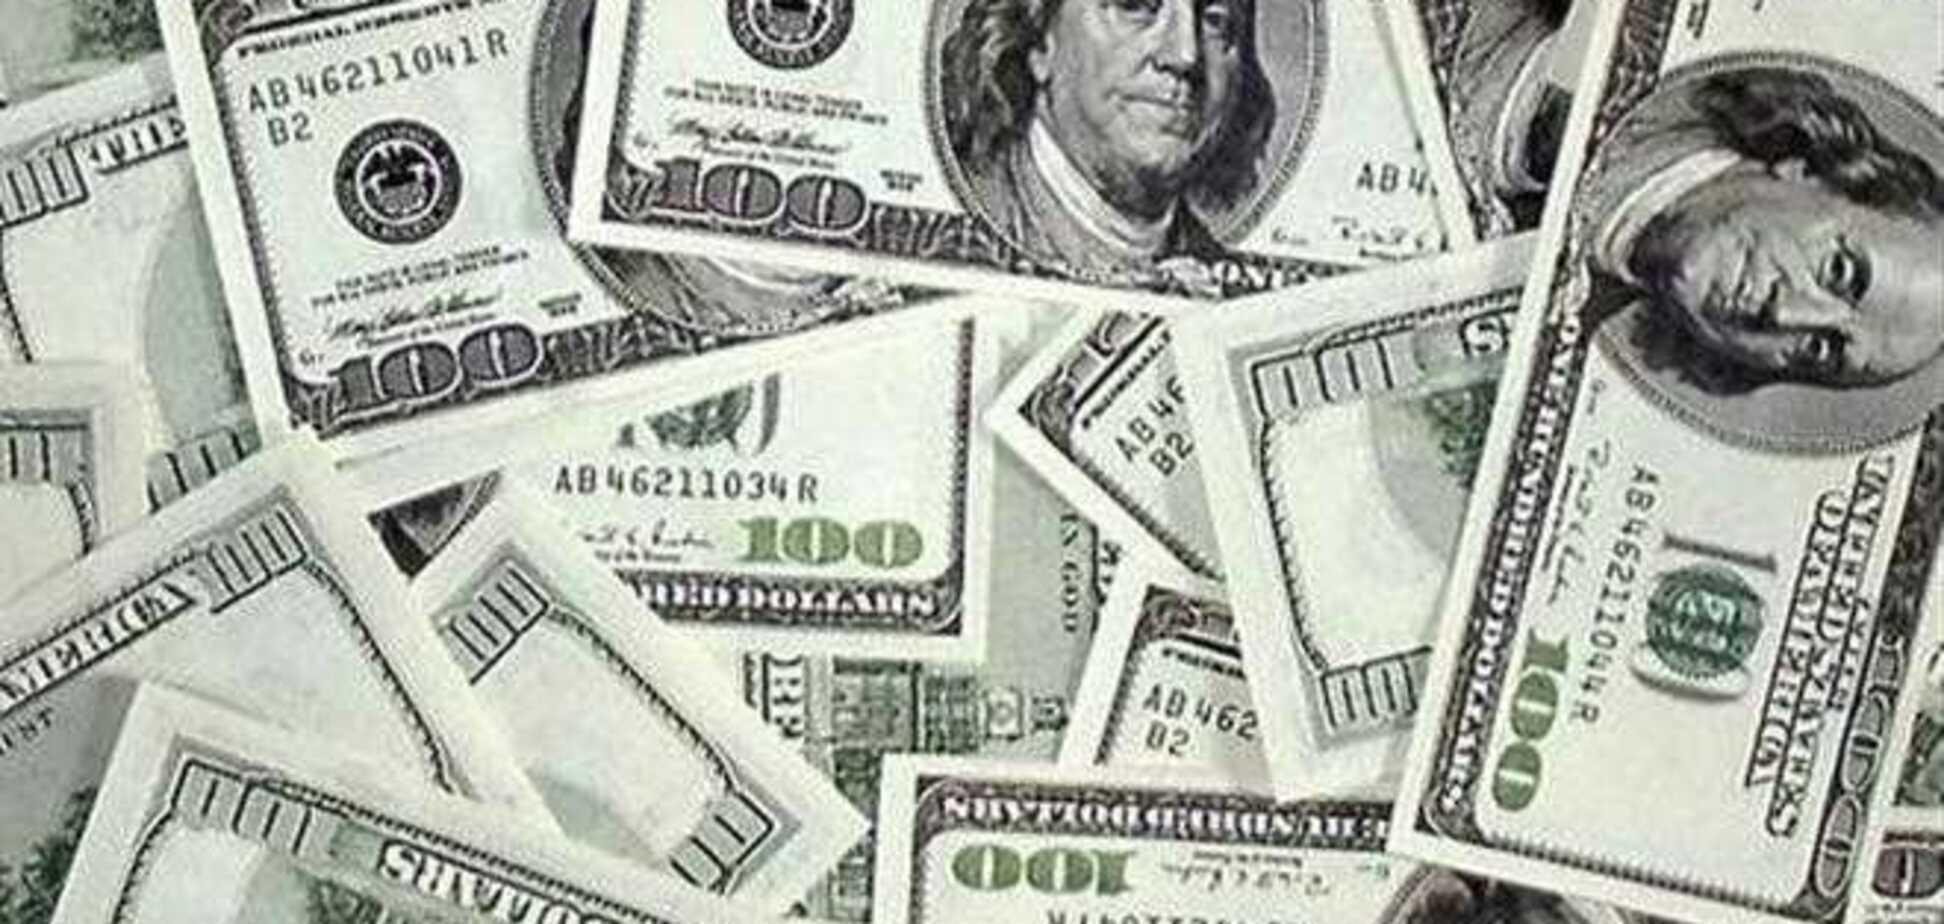 Барменша з США виграла $ 17,5 тис. за квитком, залишеному на чай